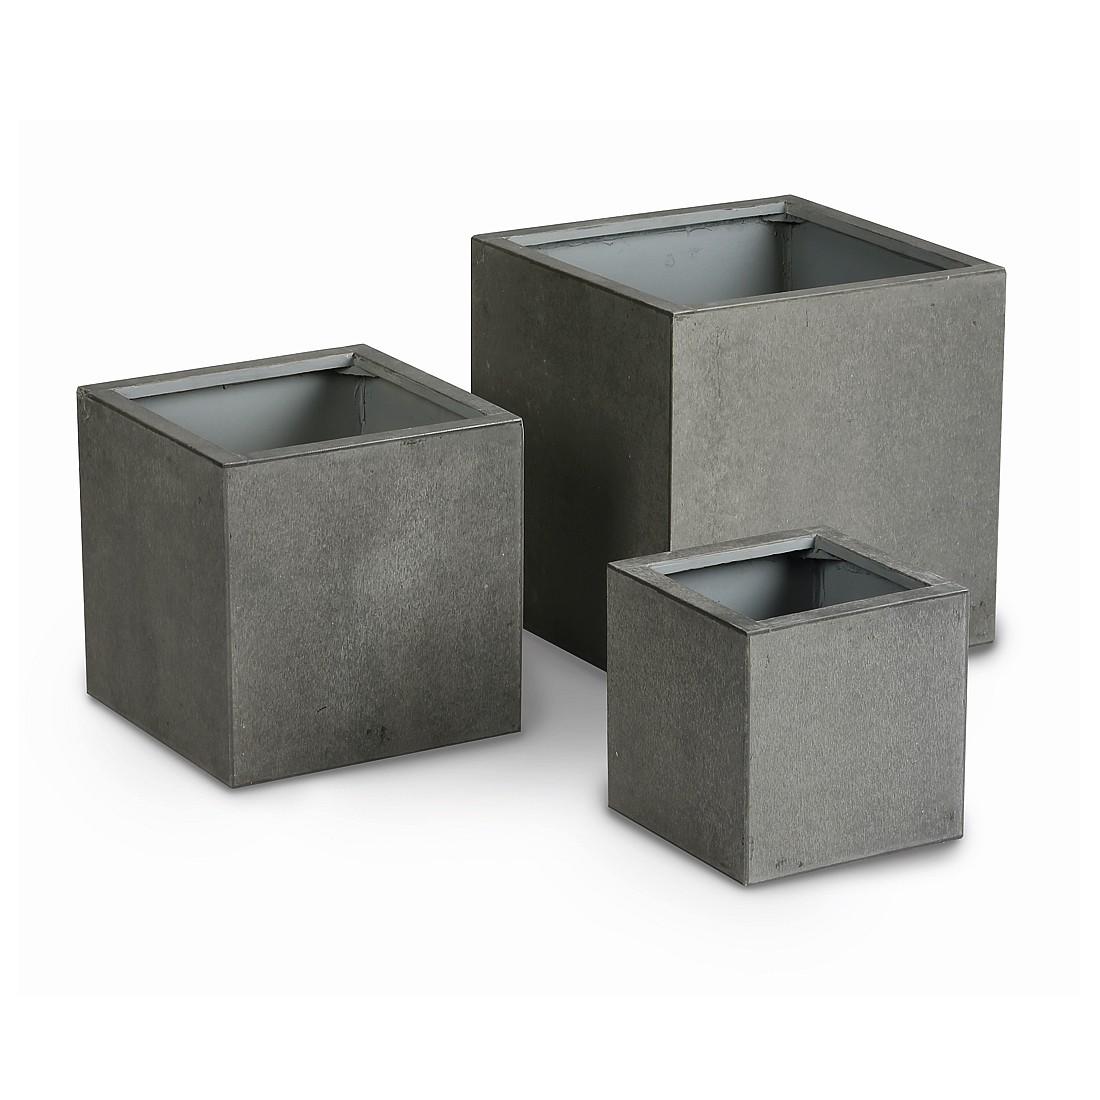 pflanzkuebel beton preisvergleiche erfahrungsberichte. Black Bedroom Furniture Sets. Home Design Ideas